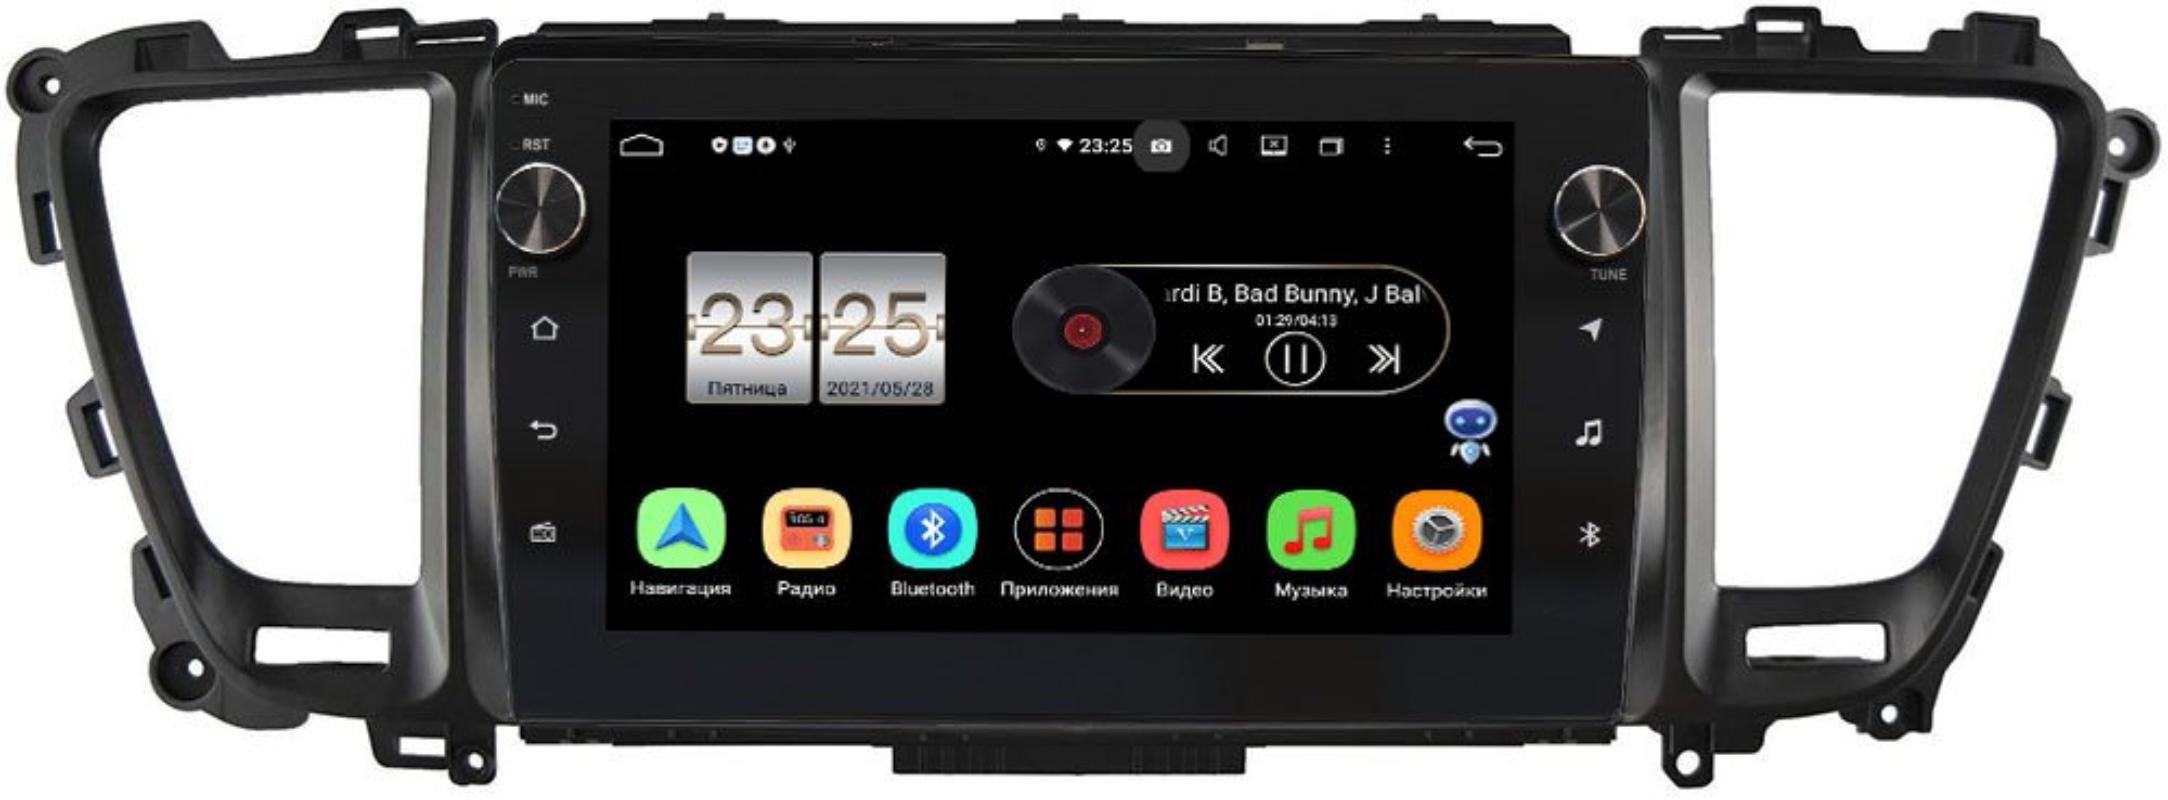 Штатная магнитола Kia Carnival III 2014-2020 LeTrun BPX409-520 на Android 10 (4/32, DSP, IPS, с голосовым ассистентом, с крутилками) (+ Камера заднего вида в подарок!)